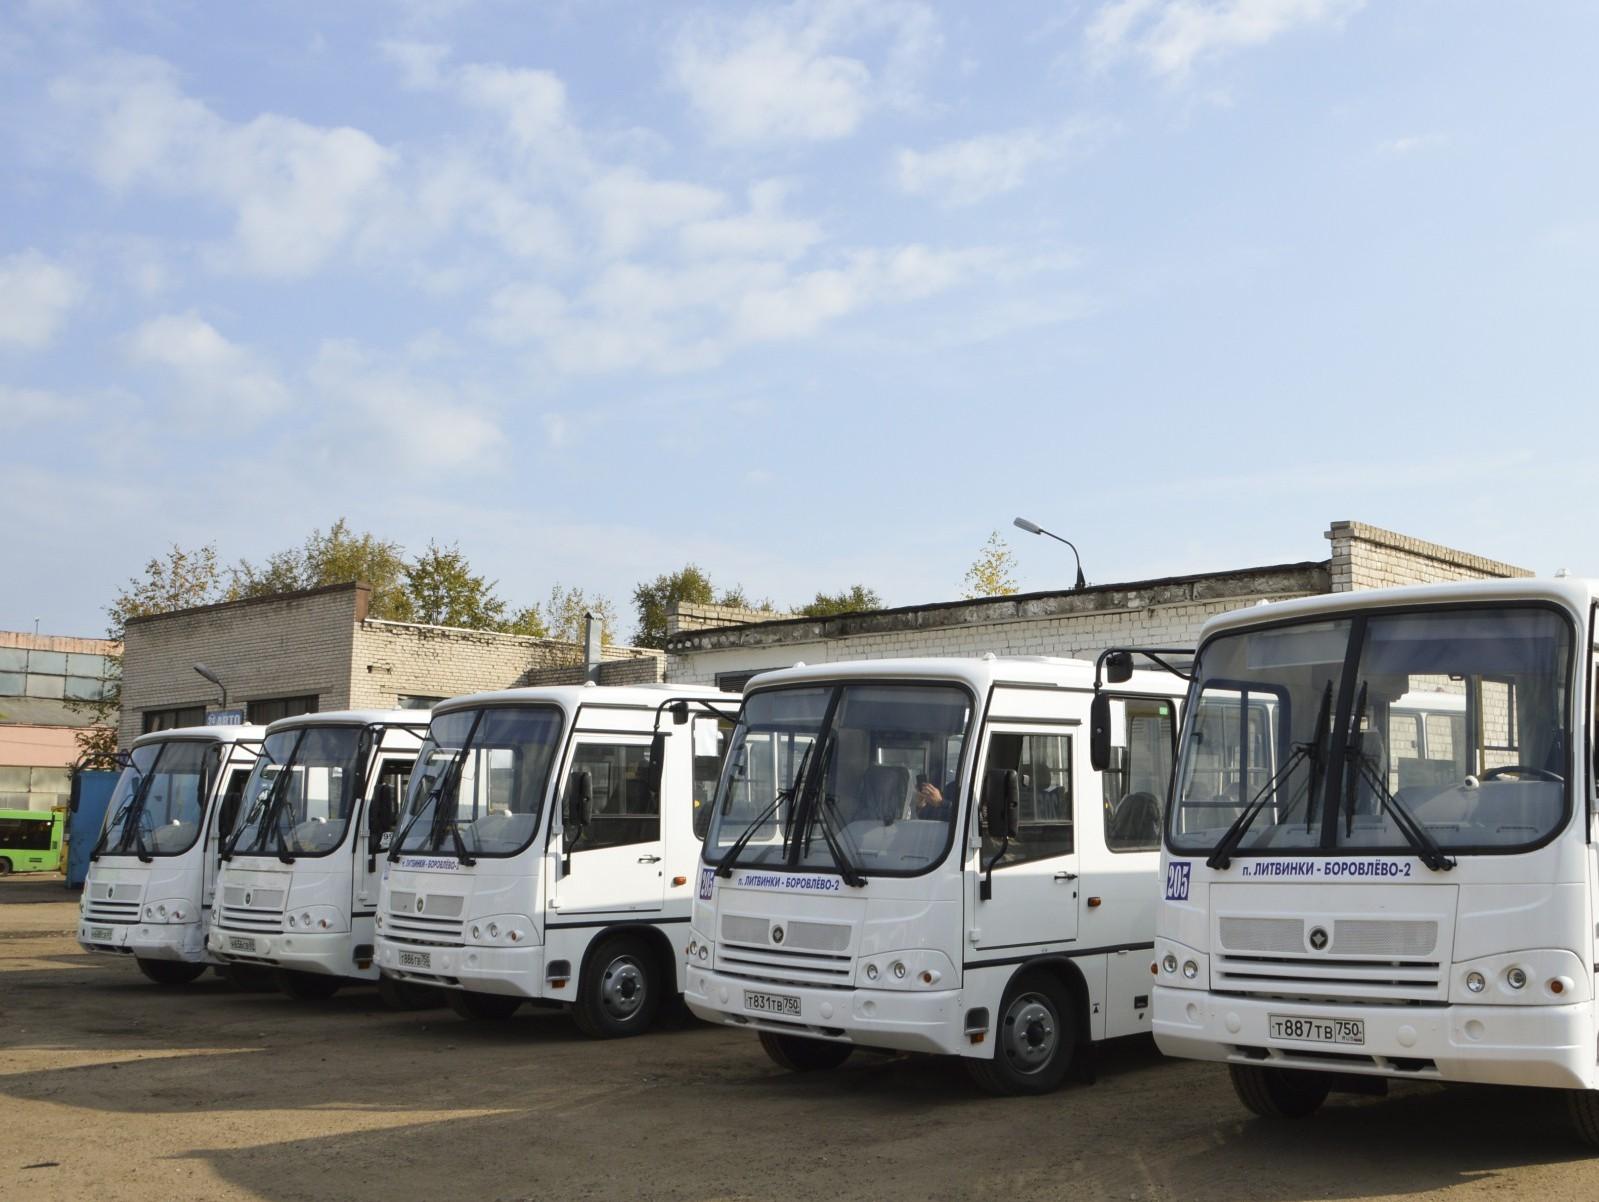 Новые правила пассажирских перевозок. Что меняется для перевозчиков и пассажиров